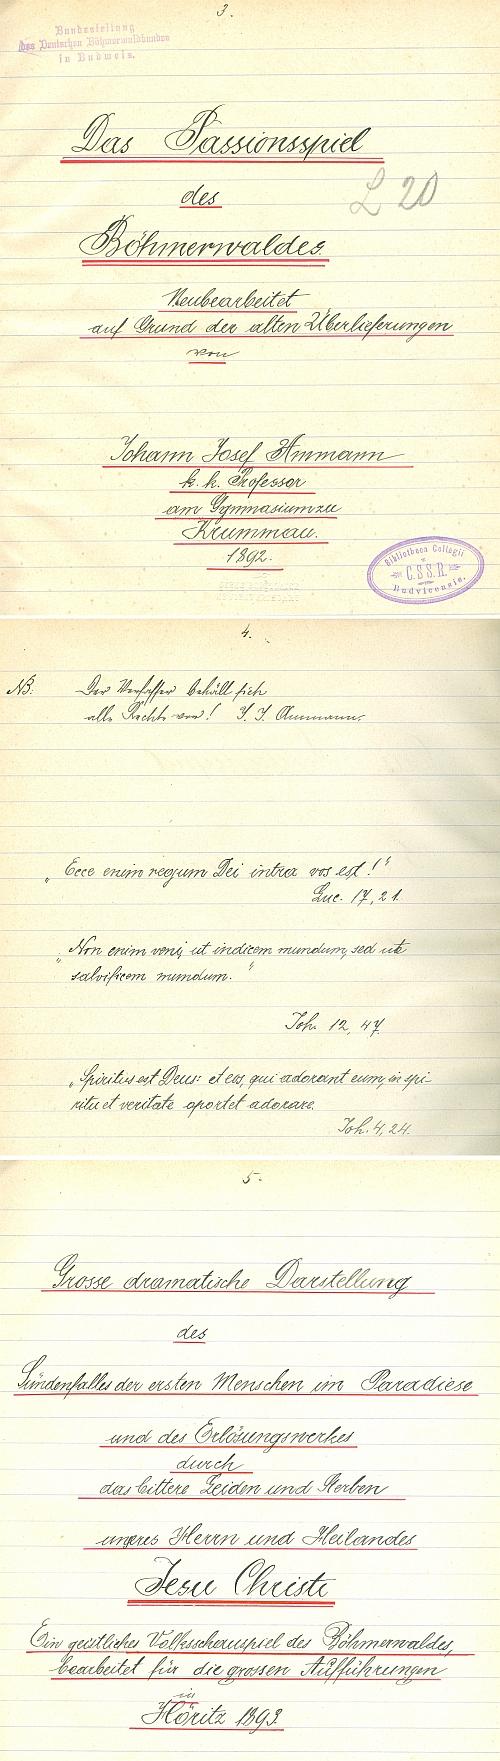 ... a ukázka tří stránek jejího rukopisu - na rubu titulu je důležité Nota bene: všechna práva vyhrazena! (Deutscher Böhmerwaldbund se s Ammannem soudil o autorská práva a tento exemplář ze sbírek Jihočeské vědecké knihovny prošel i knihovnou Böhmerwaldbundu)